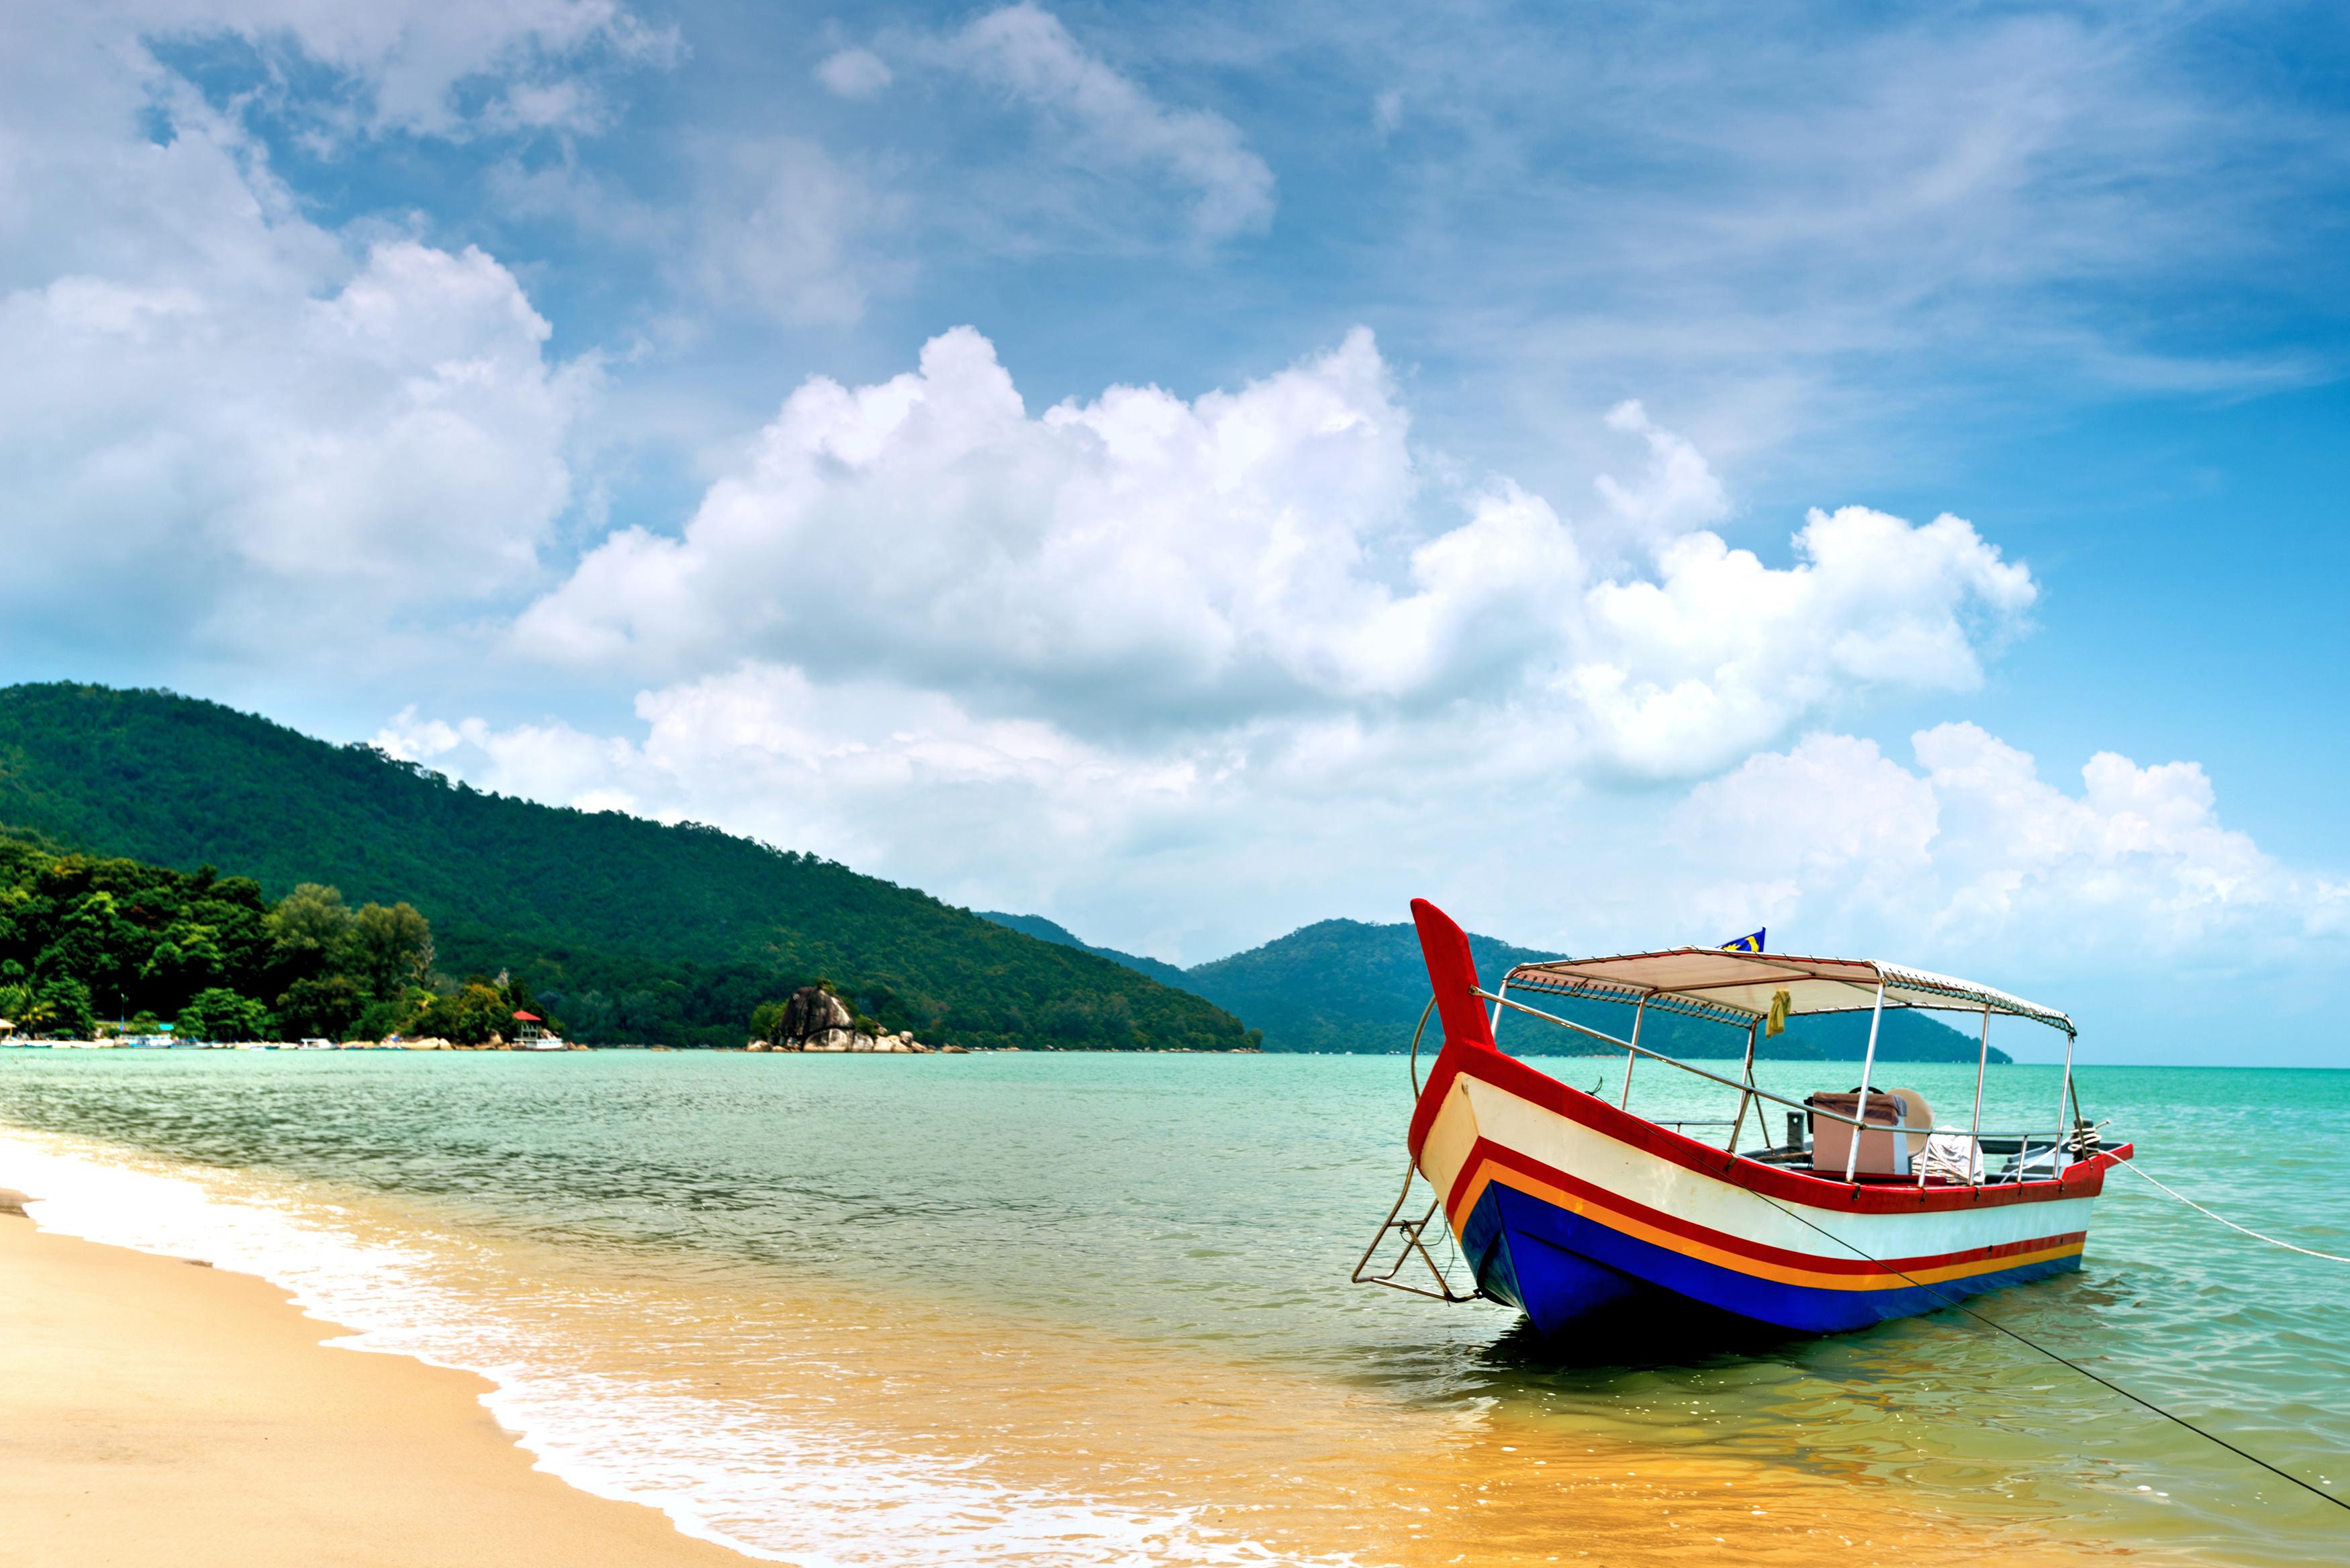 Beach Scene in Penang, Malaysia